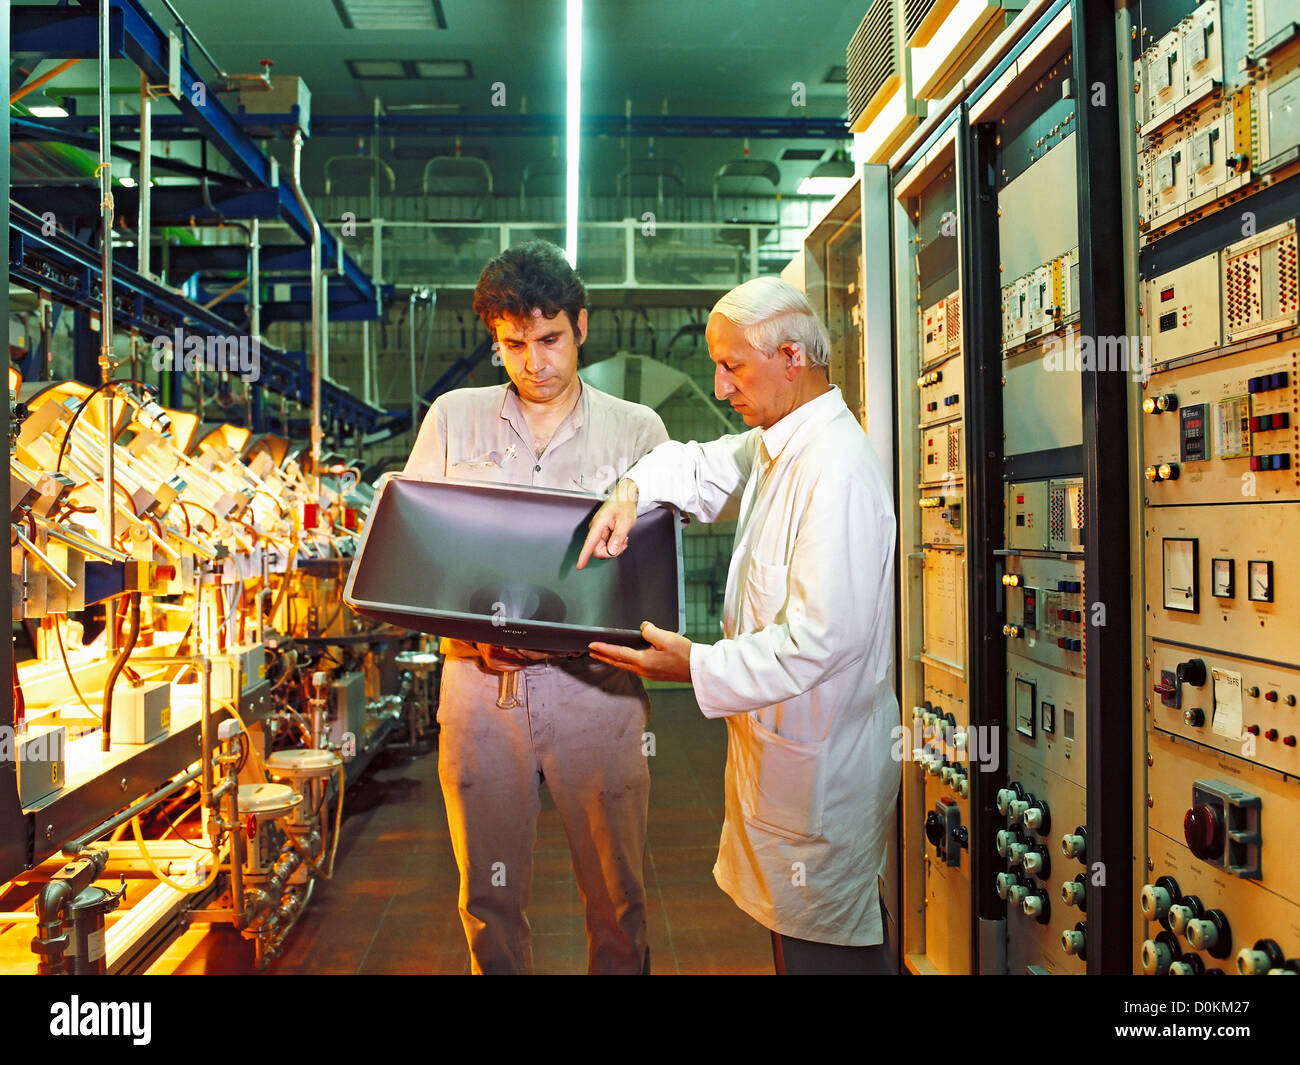 I tecnici a discutere di problemi di produzione a un vetro impianto di fabbricazione. Immagini Stock